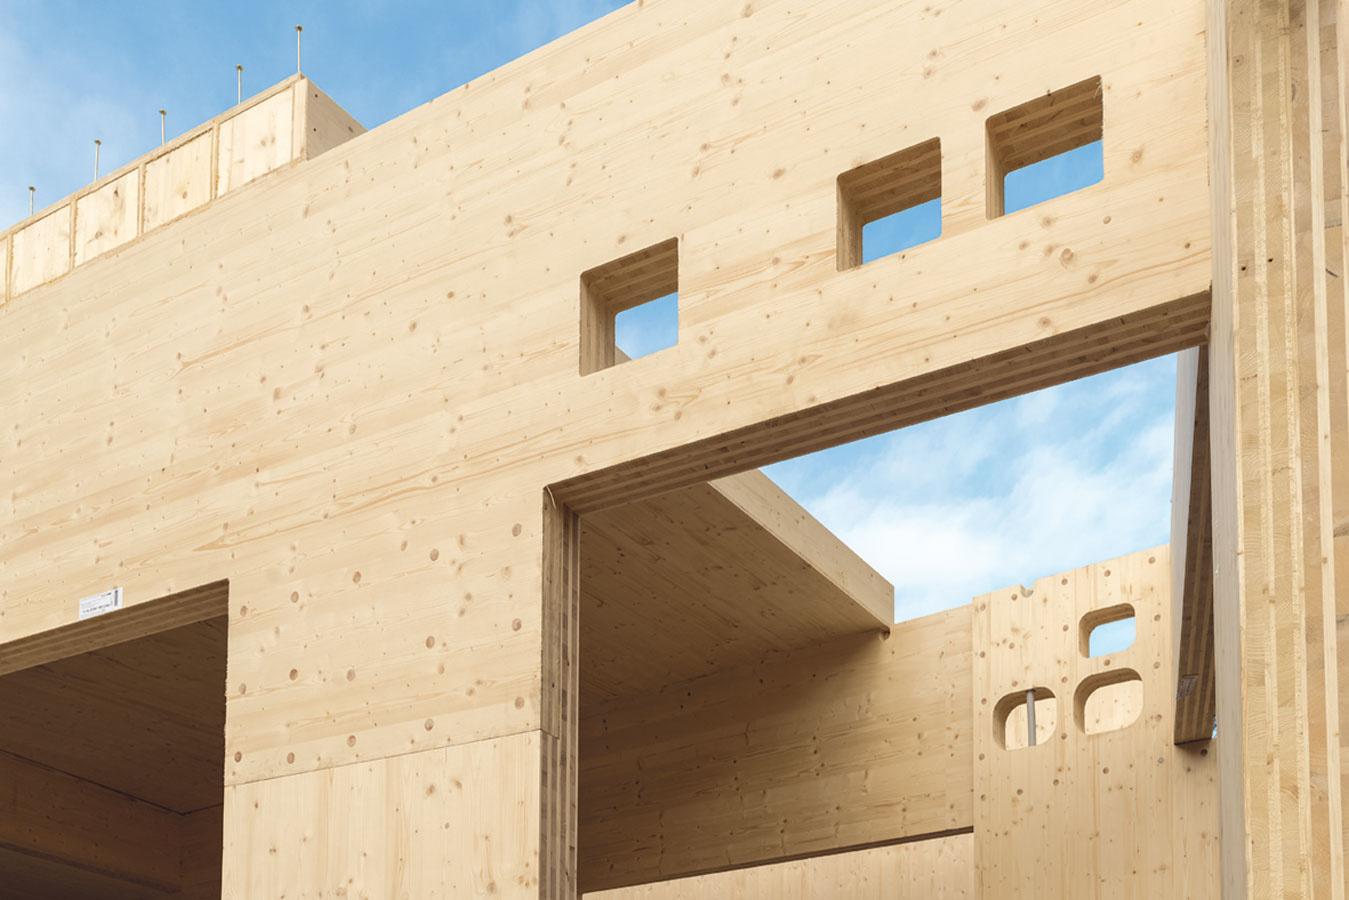 Stavebný systém NOVATOP od firmy Agrop Nova zveľkoformátových komponentov vyrábaných zkrížom vrstveného masívneho dreva (CLT – cross laminated timber). Panely sa vyrábajú zvysušených smrekových lamiel zložených do vrstiev, pričom lamely vsusedných vrstvách sú navzájom otočené o90°. Počet vrstiev môže byť rôzny aurčuje hrúbku panelu. Svývojom systému pomáhali vo Švajčiarsku, pri opracovaní komponentov sa používa najmodernejšie CNC zariadenie acelý výrobný proces je digitálne riadený.